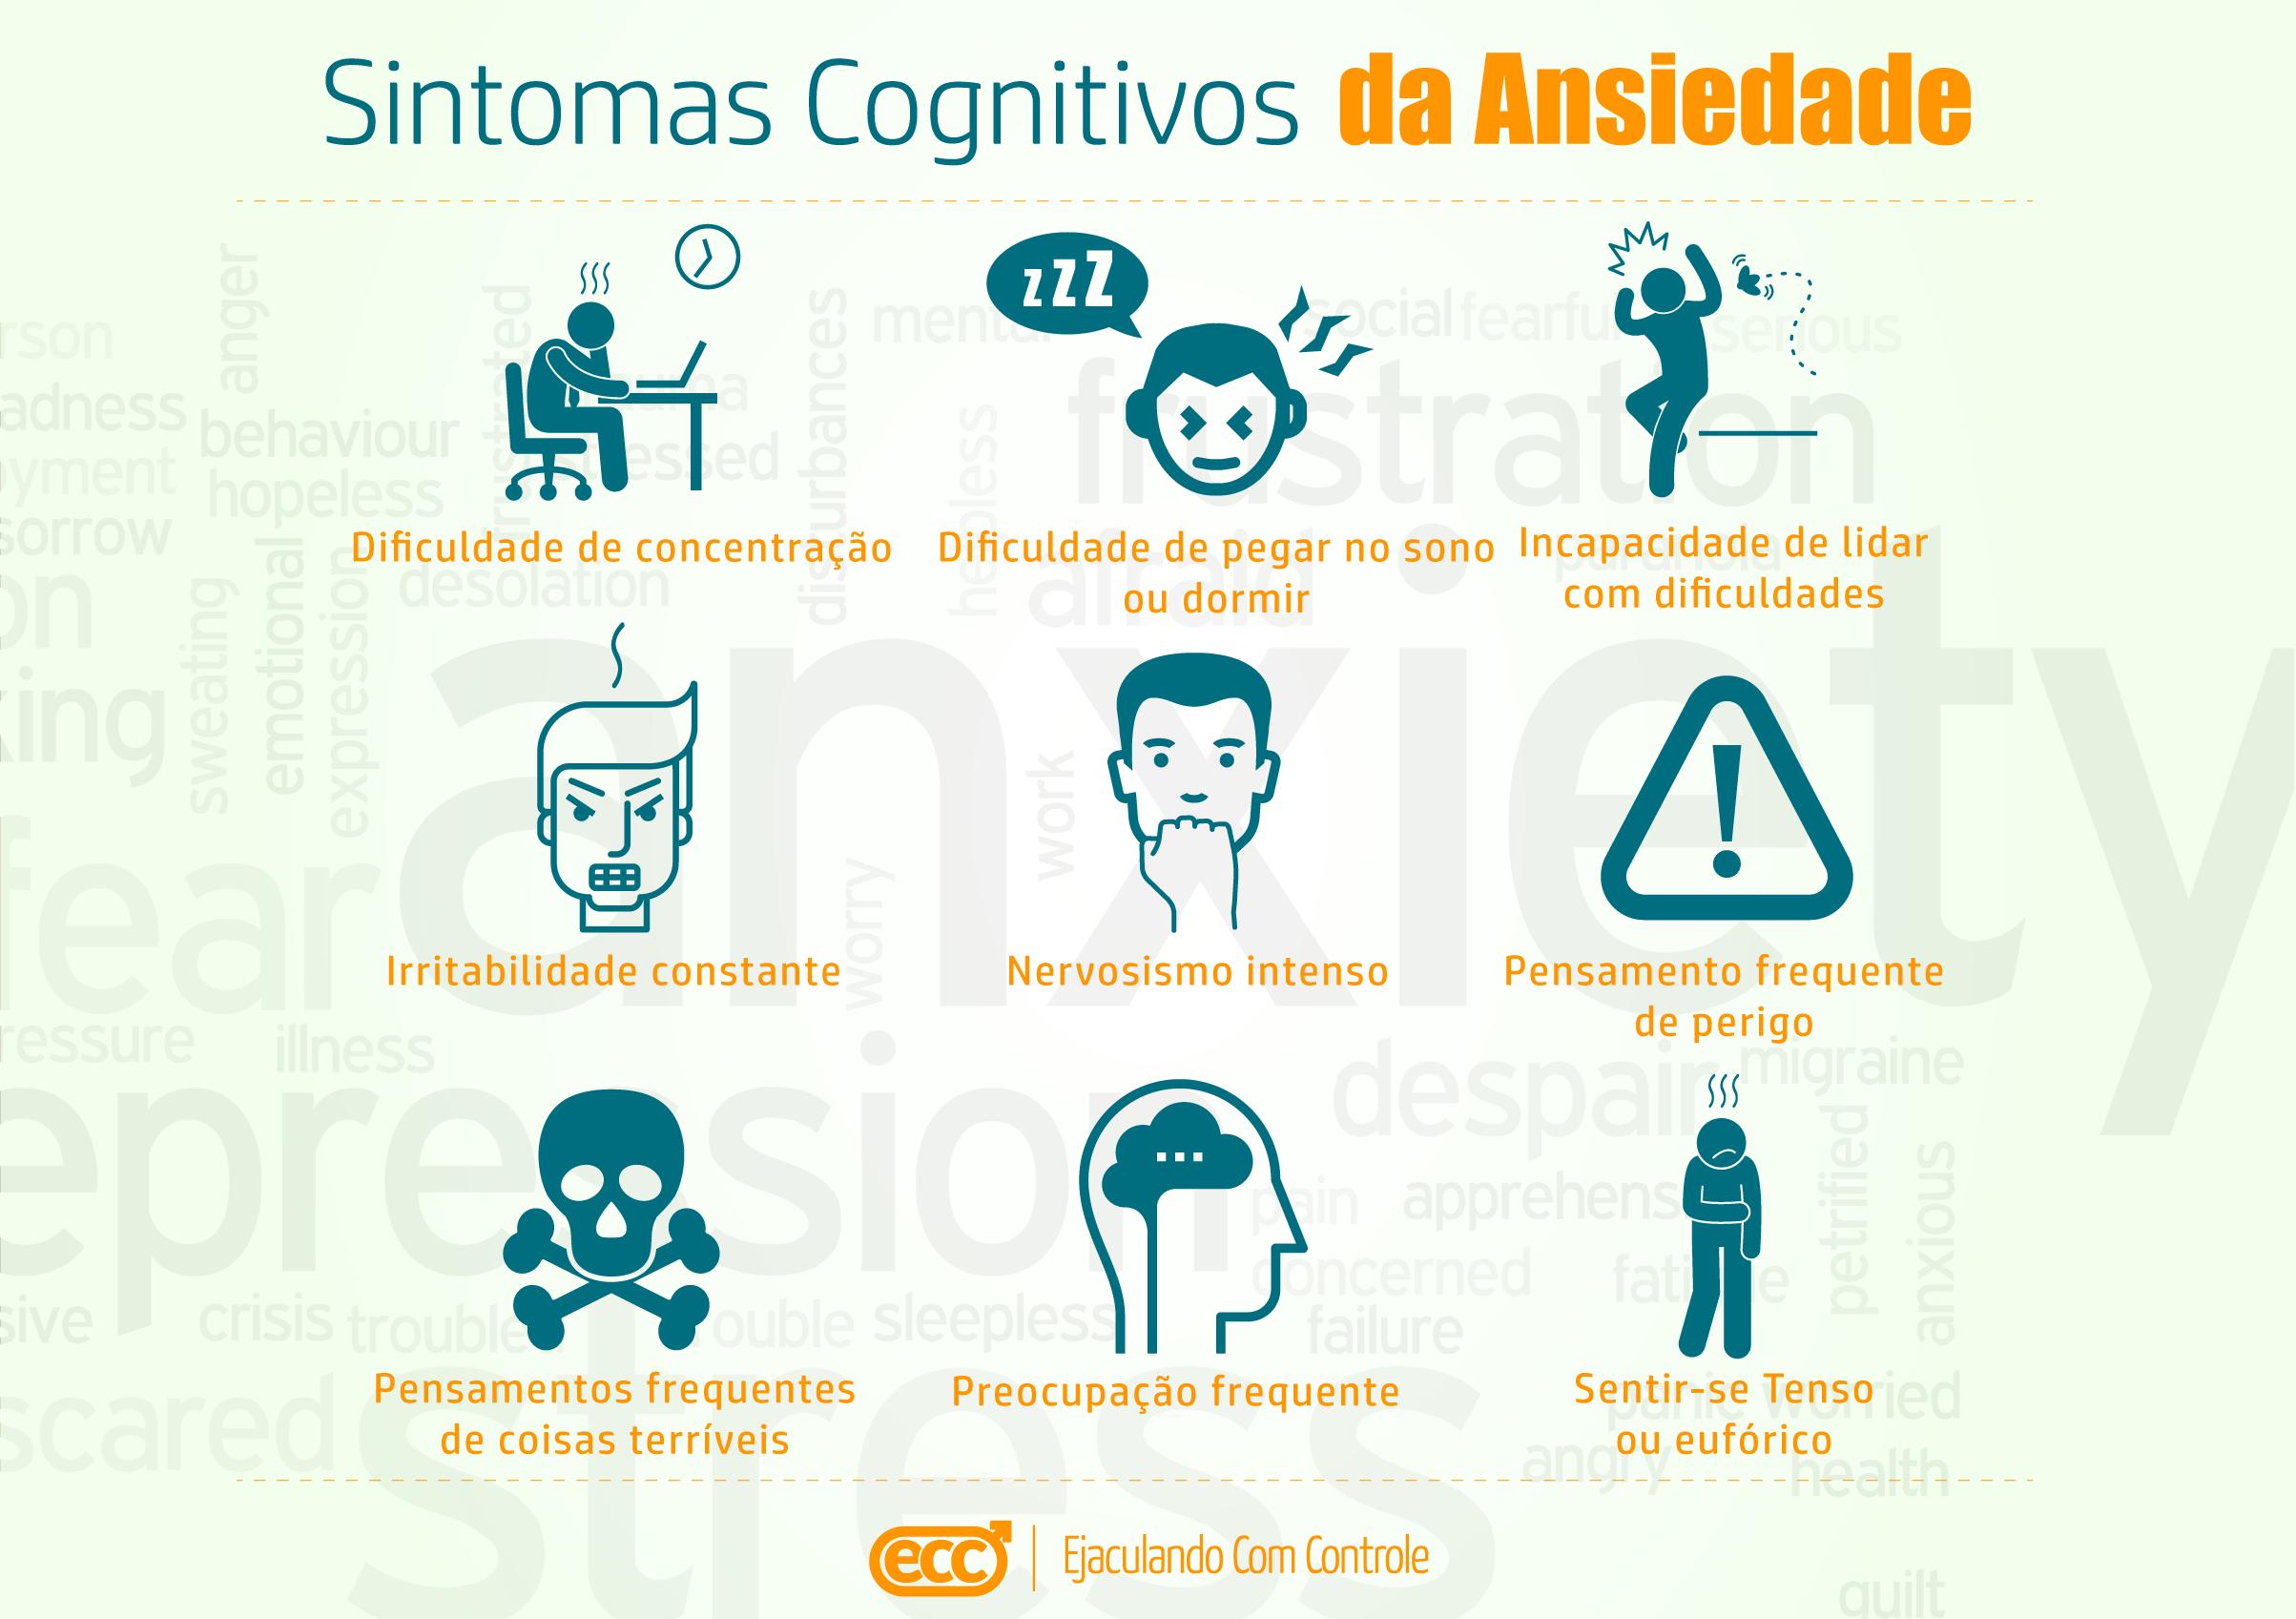 como controlar ansiedade e nervosismo